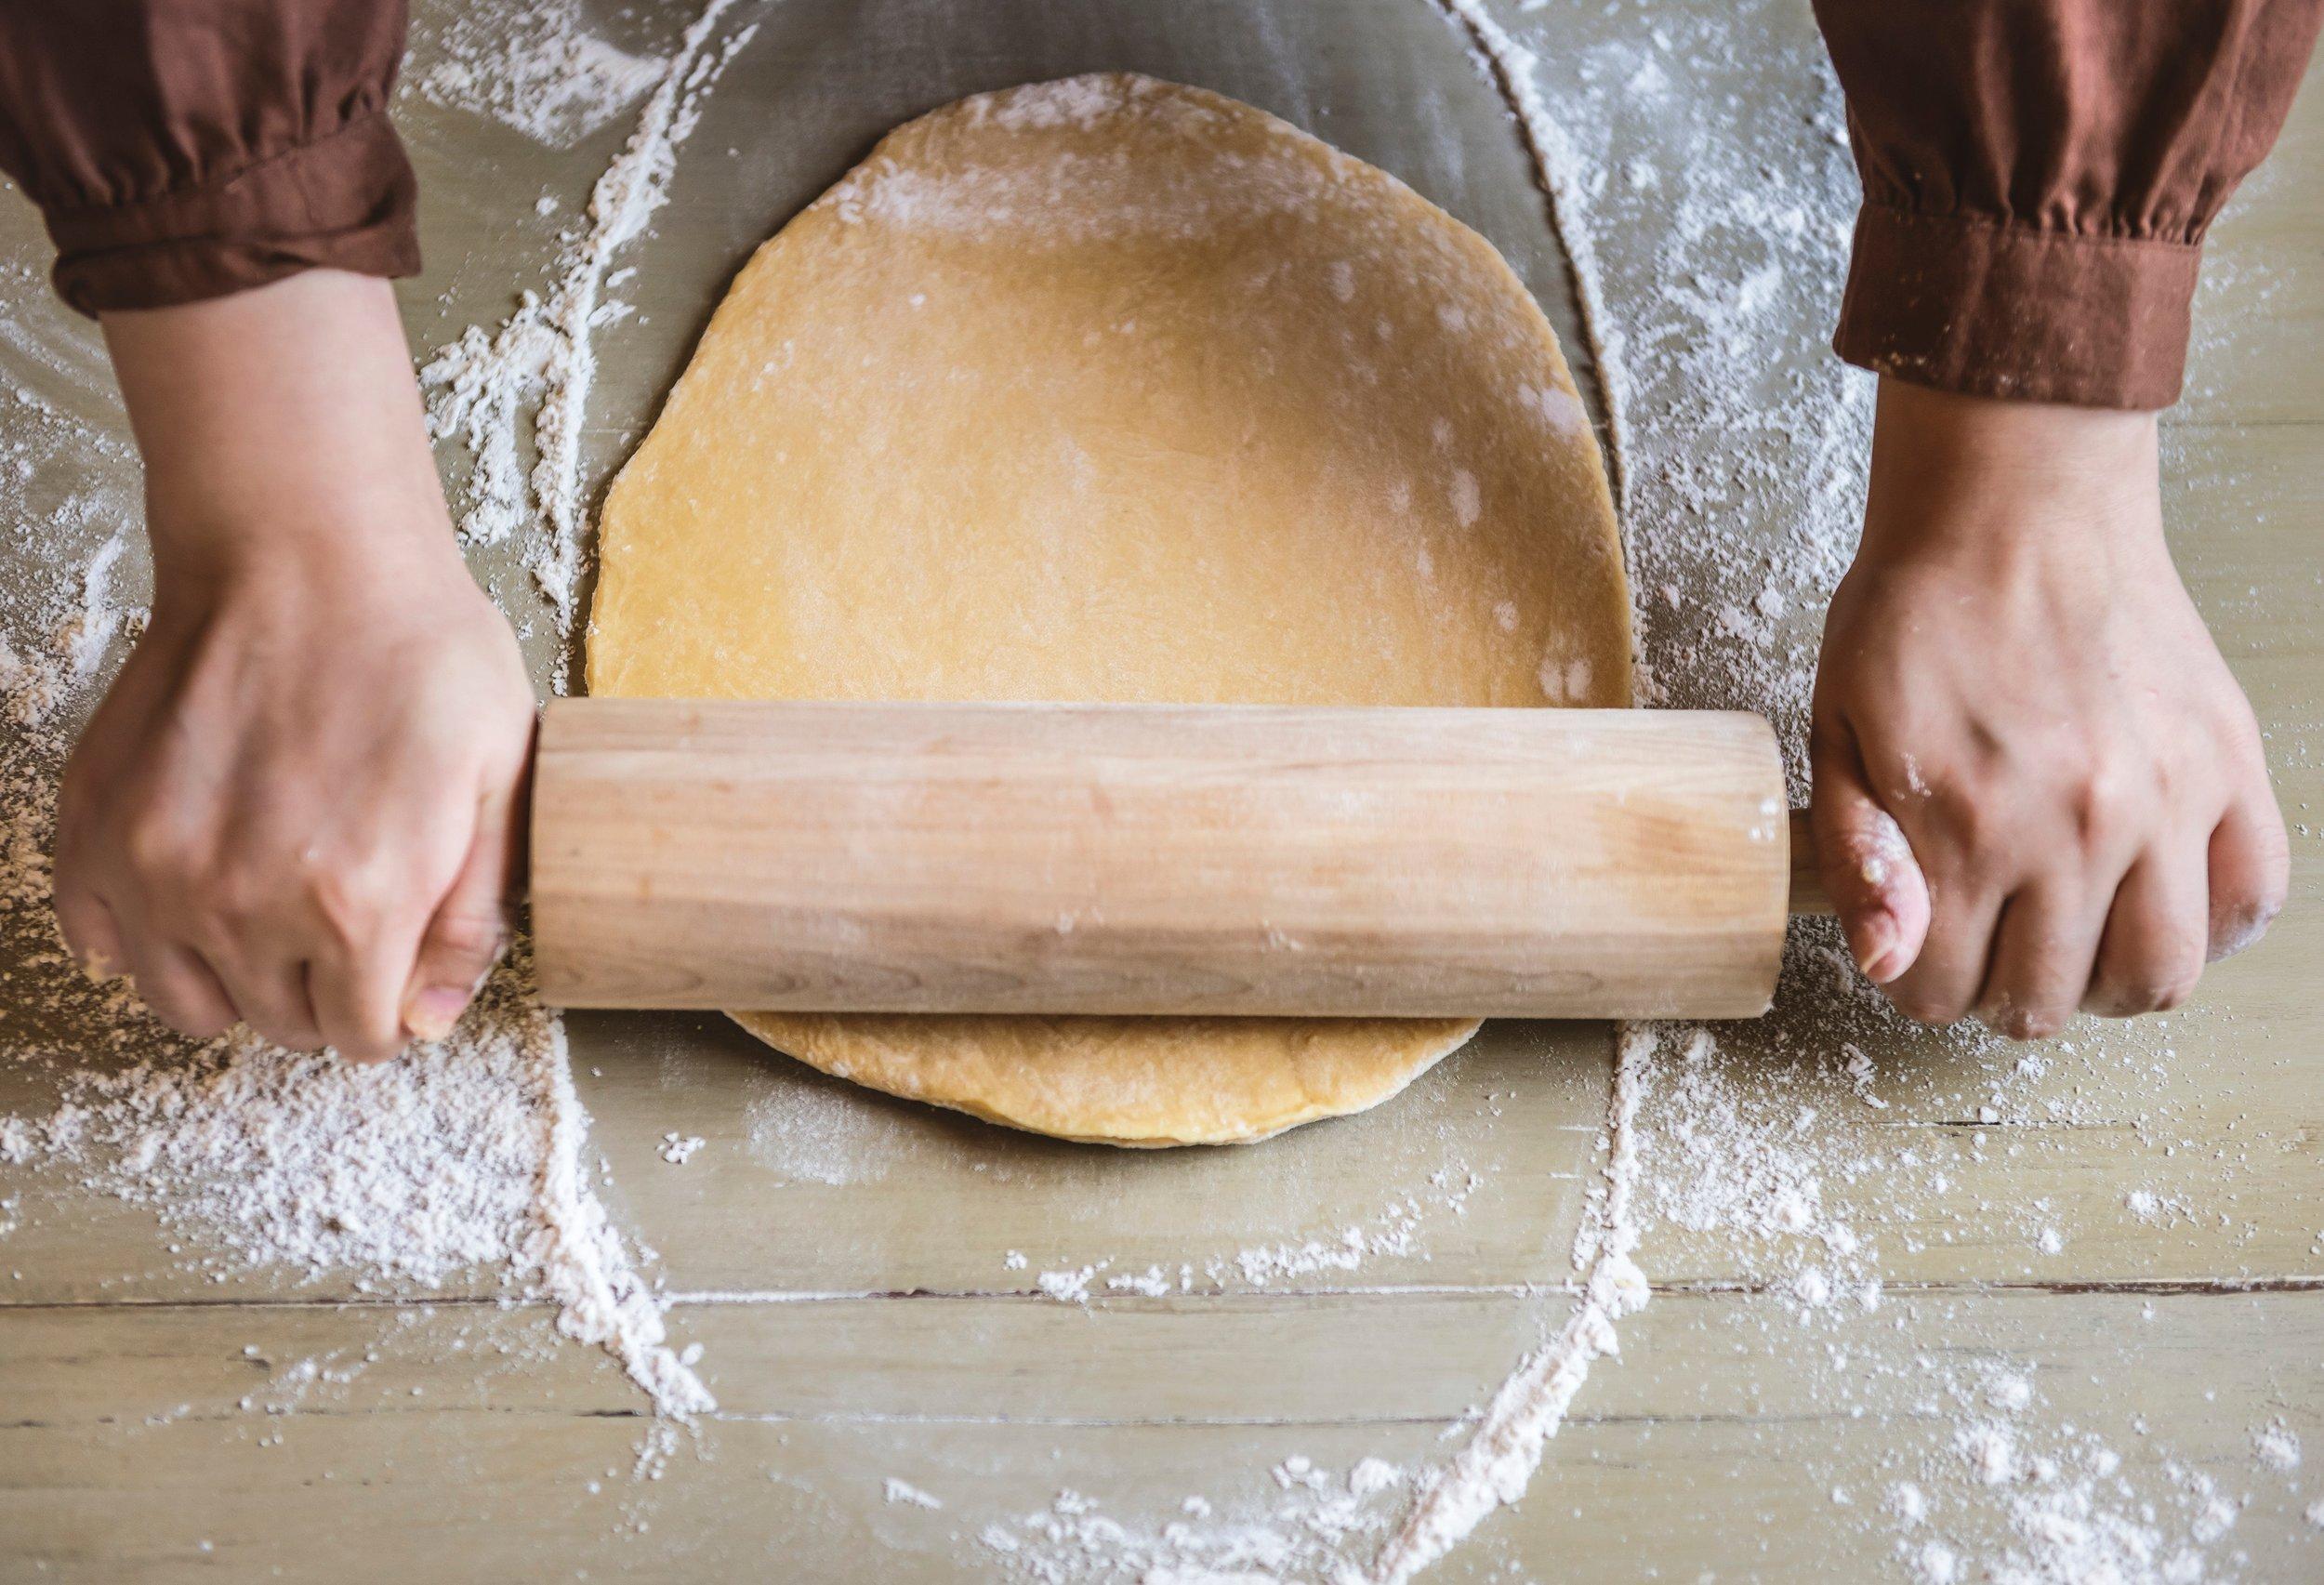 bake-baker-bakery-1251179.jpg